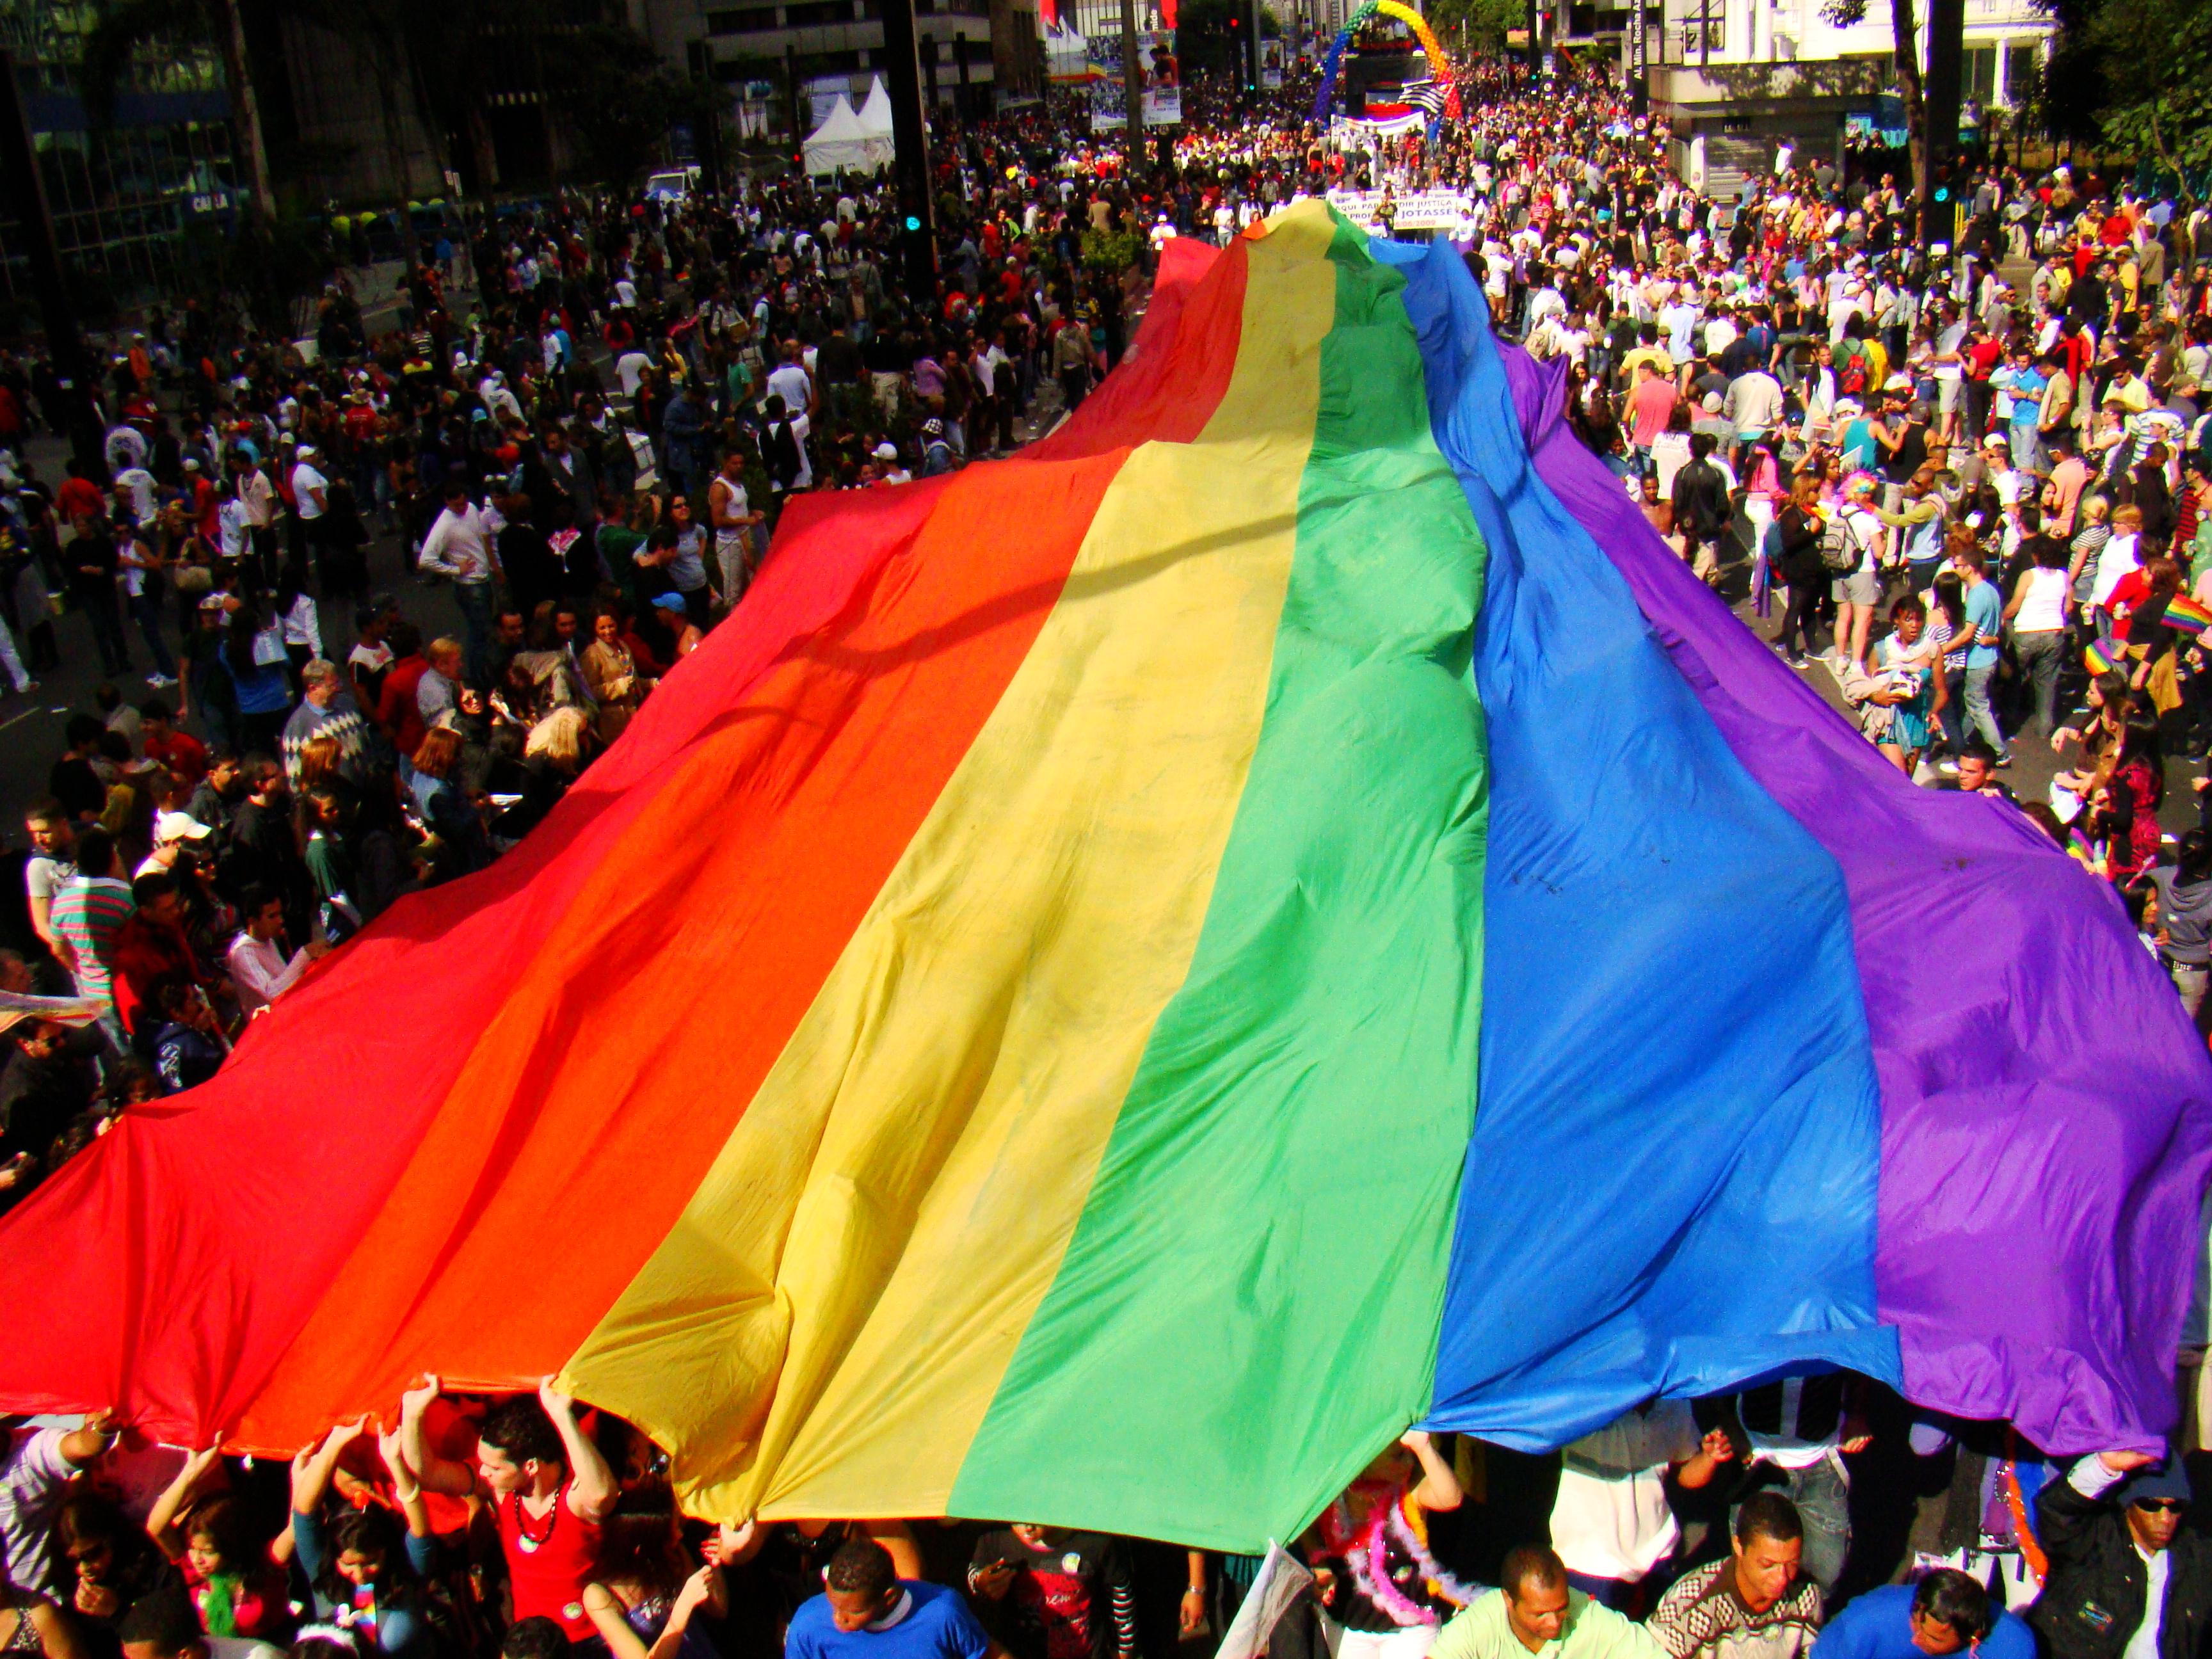 taipei gay pride 2009